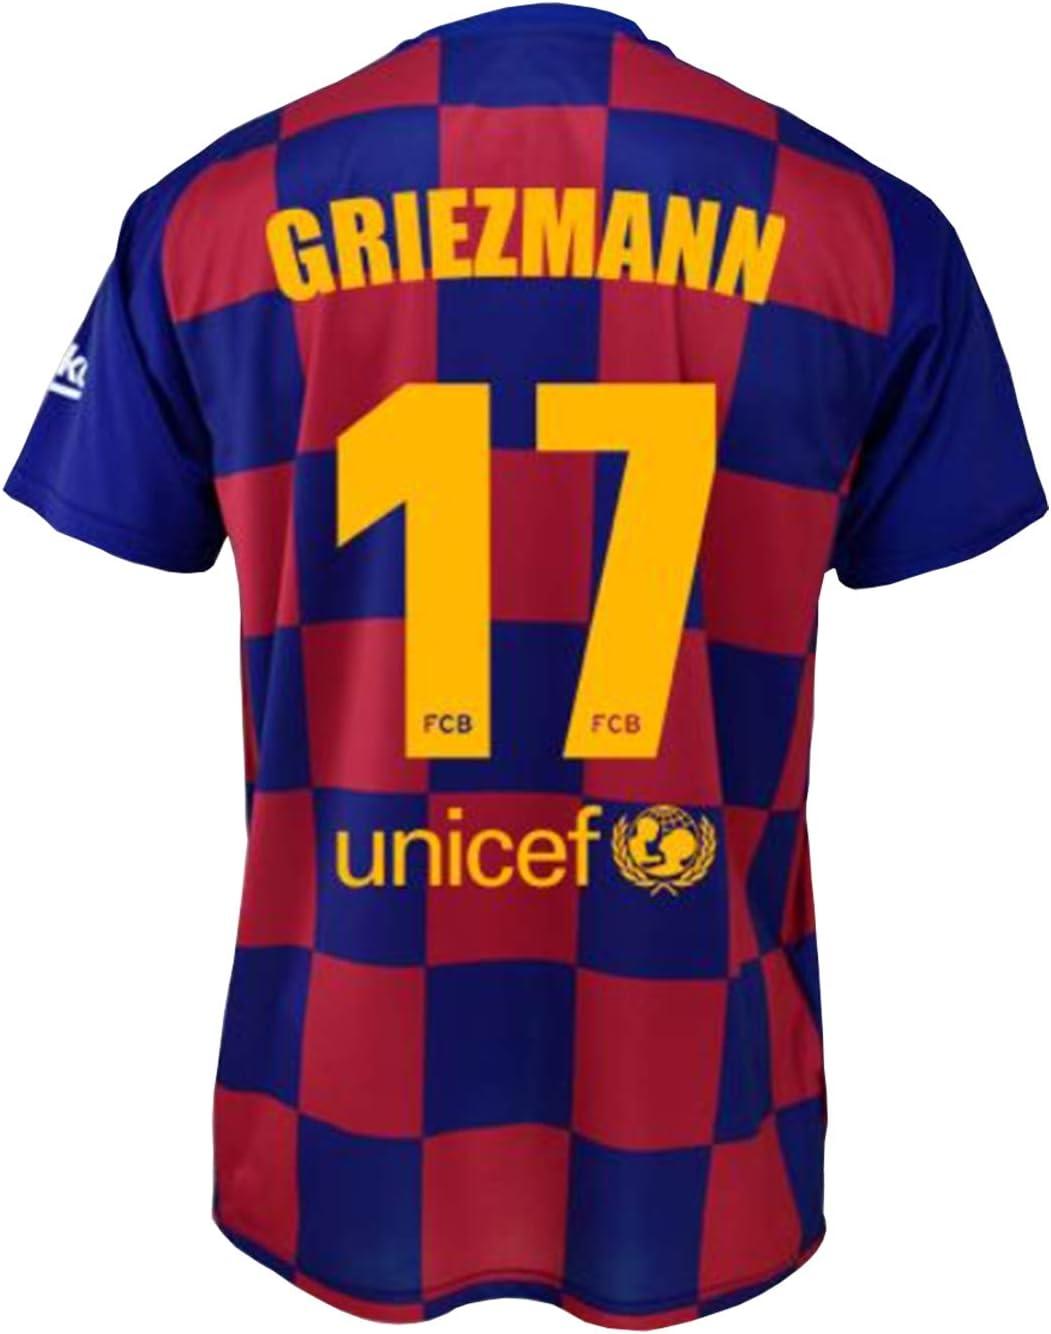 FCB Camiseta Primera Equipación Infantil Griezmann del FC Barcelona Producto Oficial Licenciado Temporada 2019-2020 Color Azulgrana